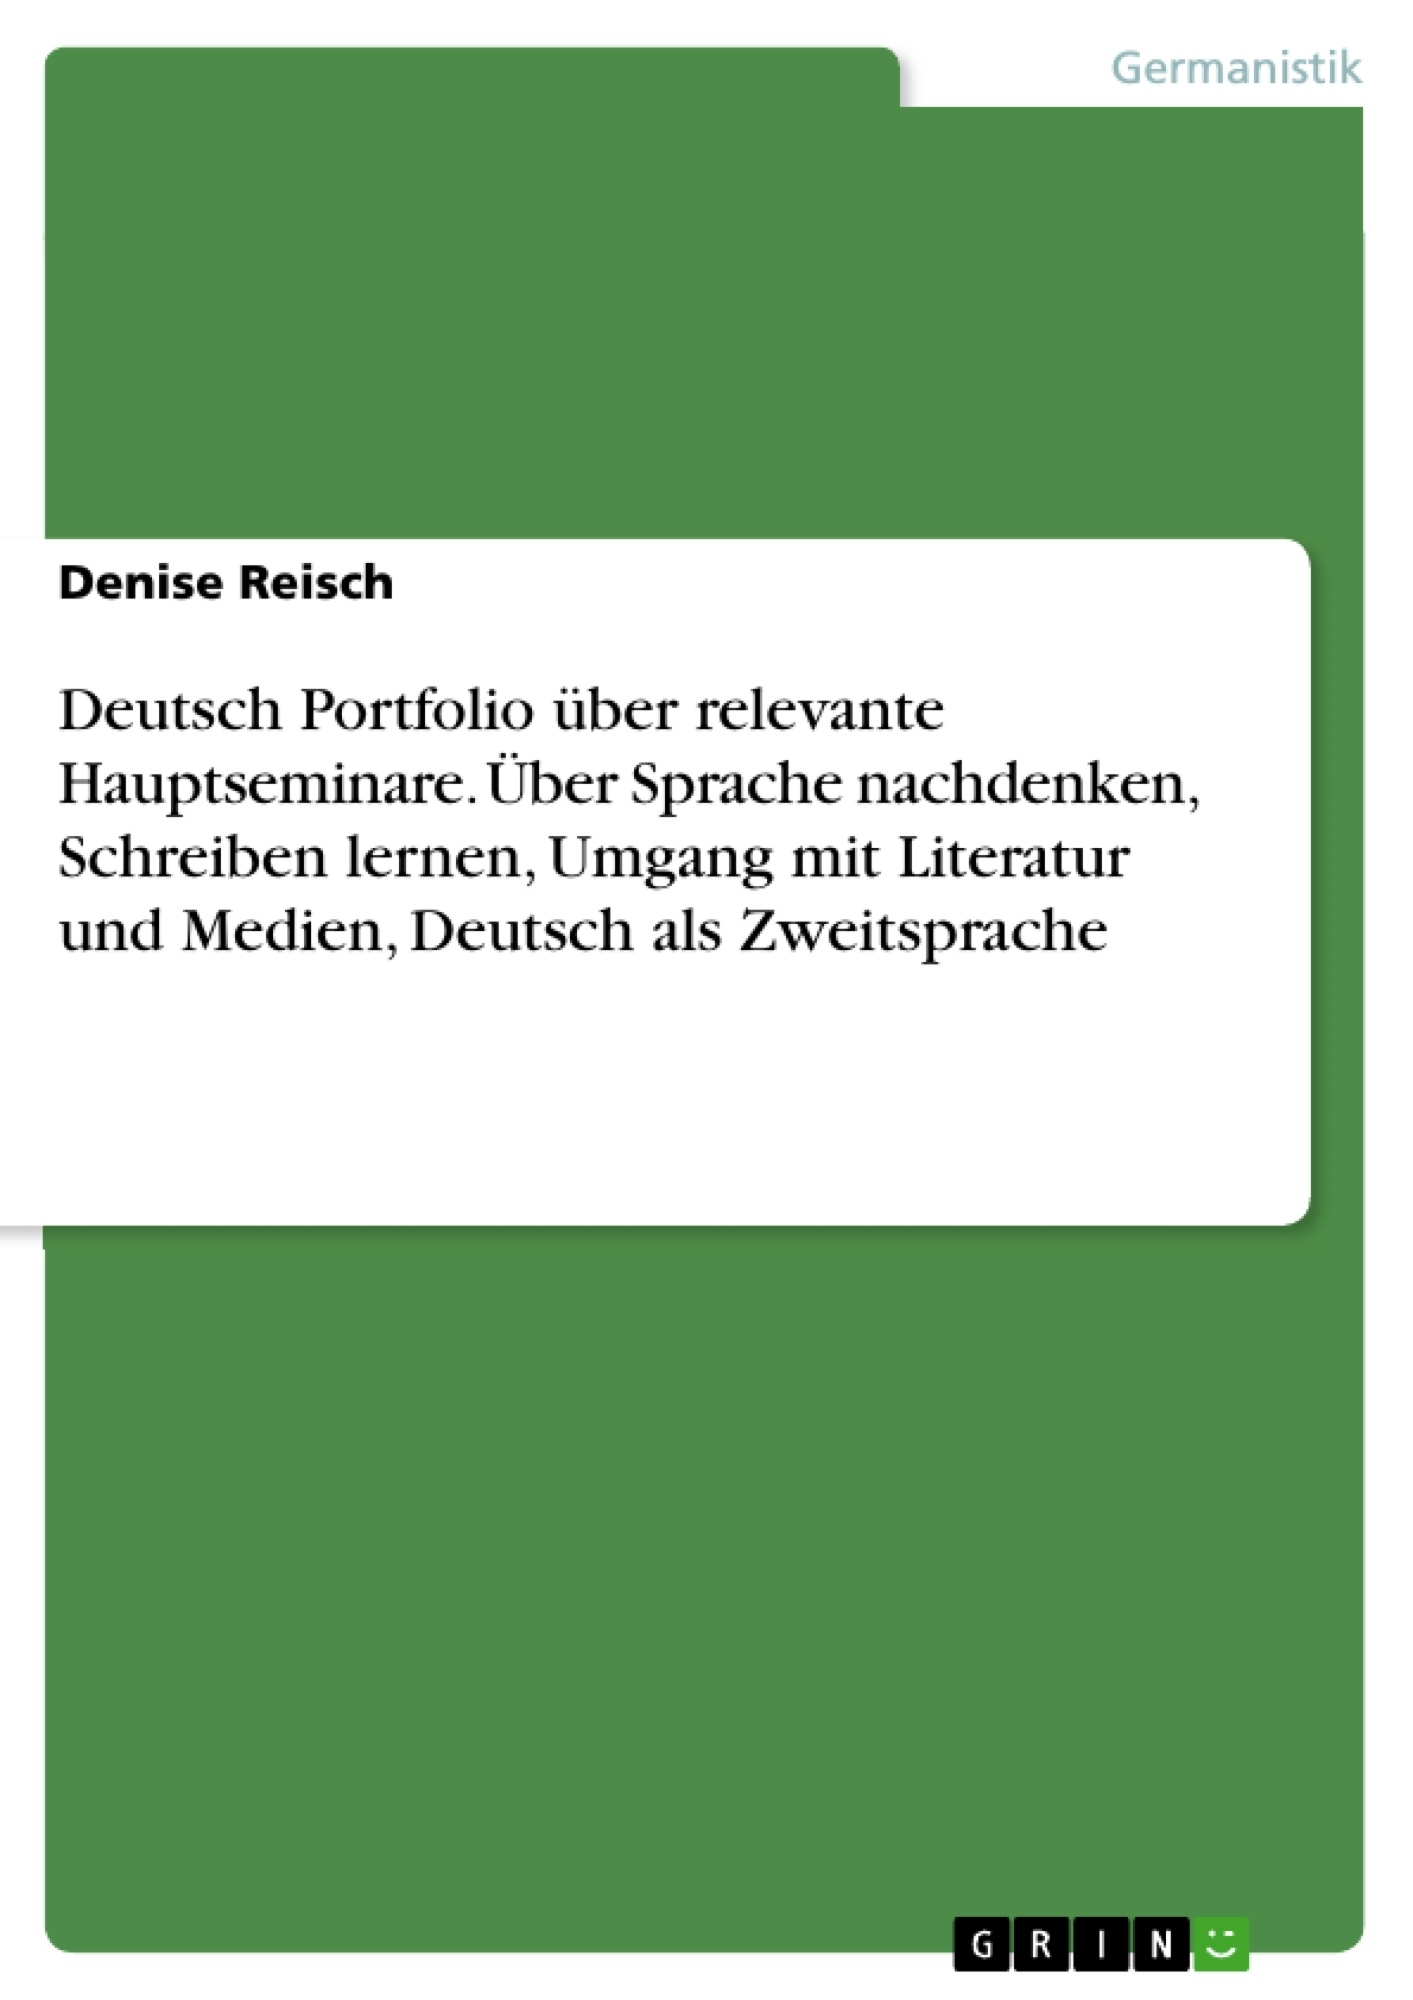 Titel: Deutsch Portfolio über relevante Hauptseminare. Über Sprache nachdenken, Schreiben lernen, Umgang mit Literatur und Medien, Deutsch als Zweitsprache